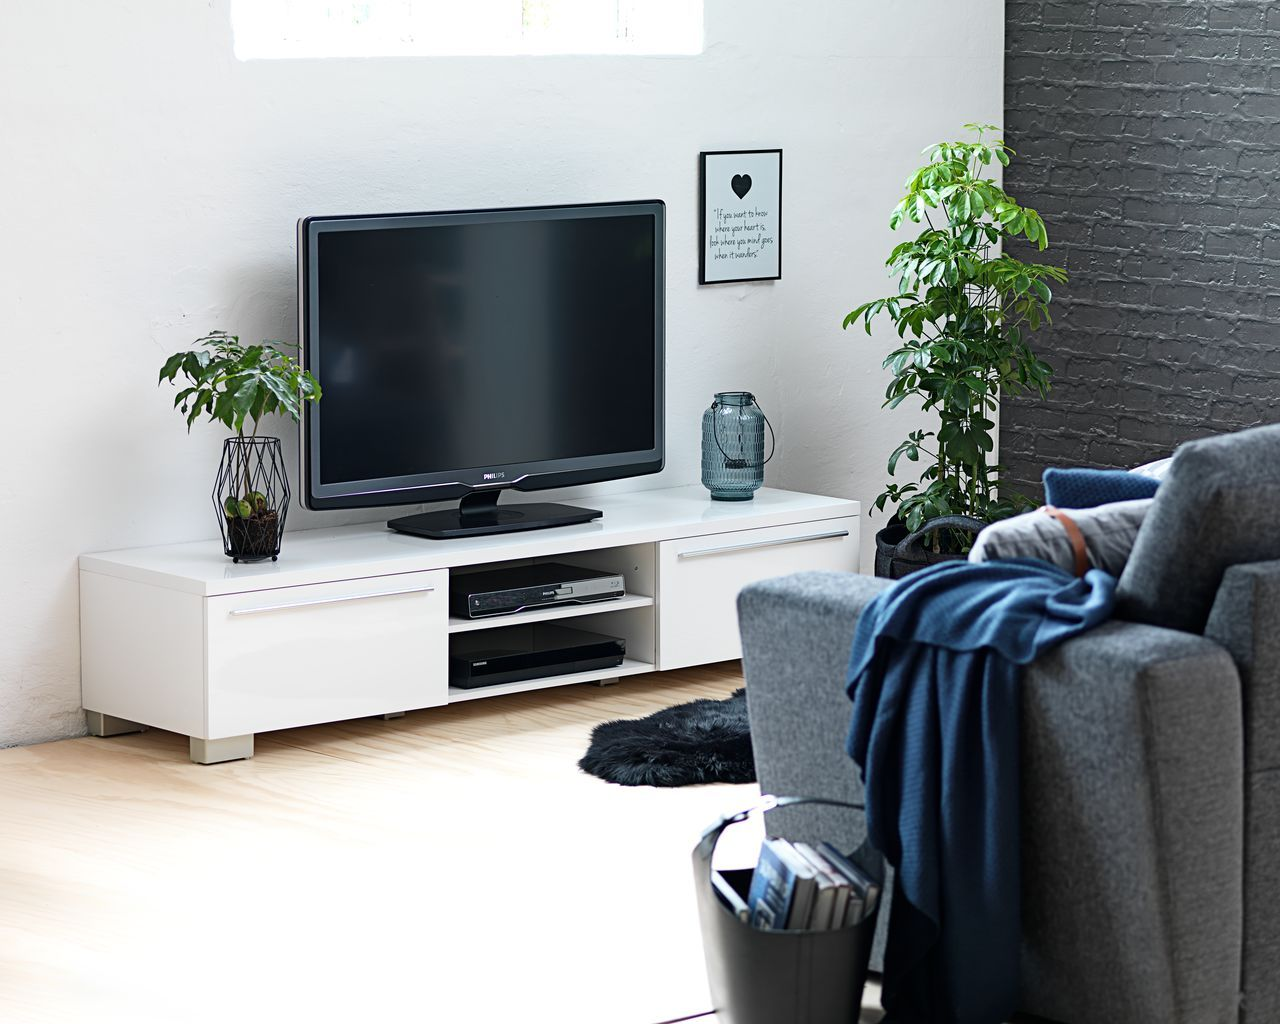 Tv Meubel Aakirkeby 2 Lades Hoogglans.Tv Meubel Aakirkeby Wit Hoogglans Meubels Tv Bank En Tv Meubels